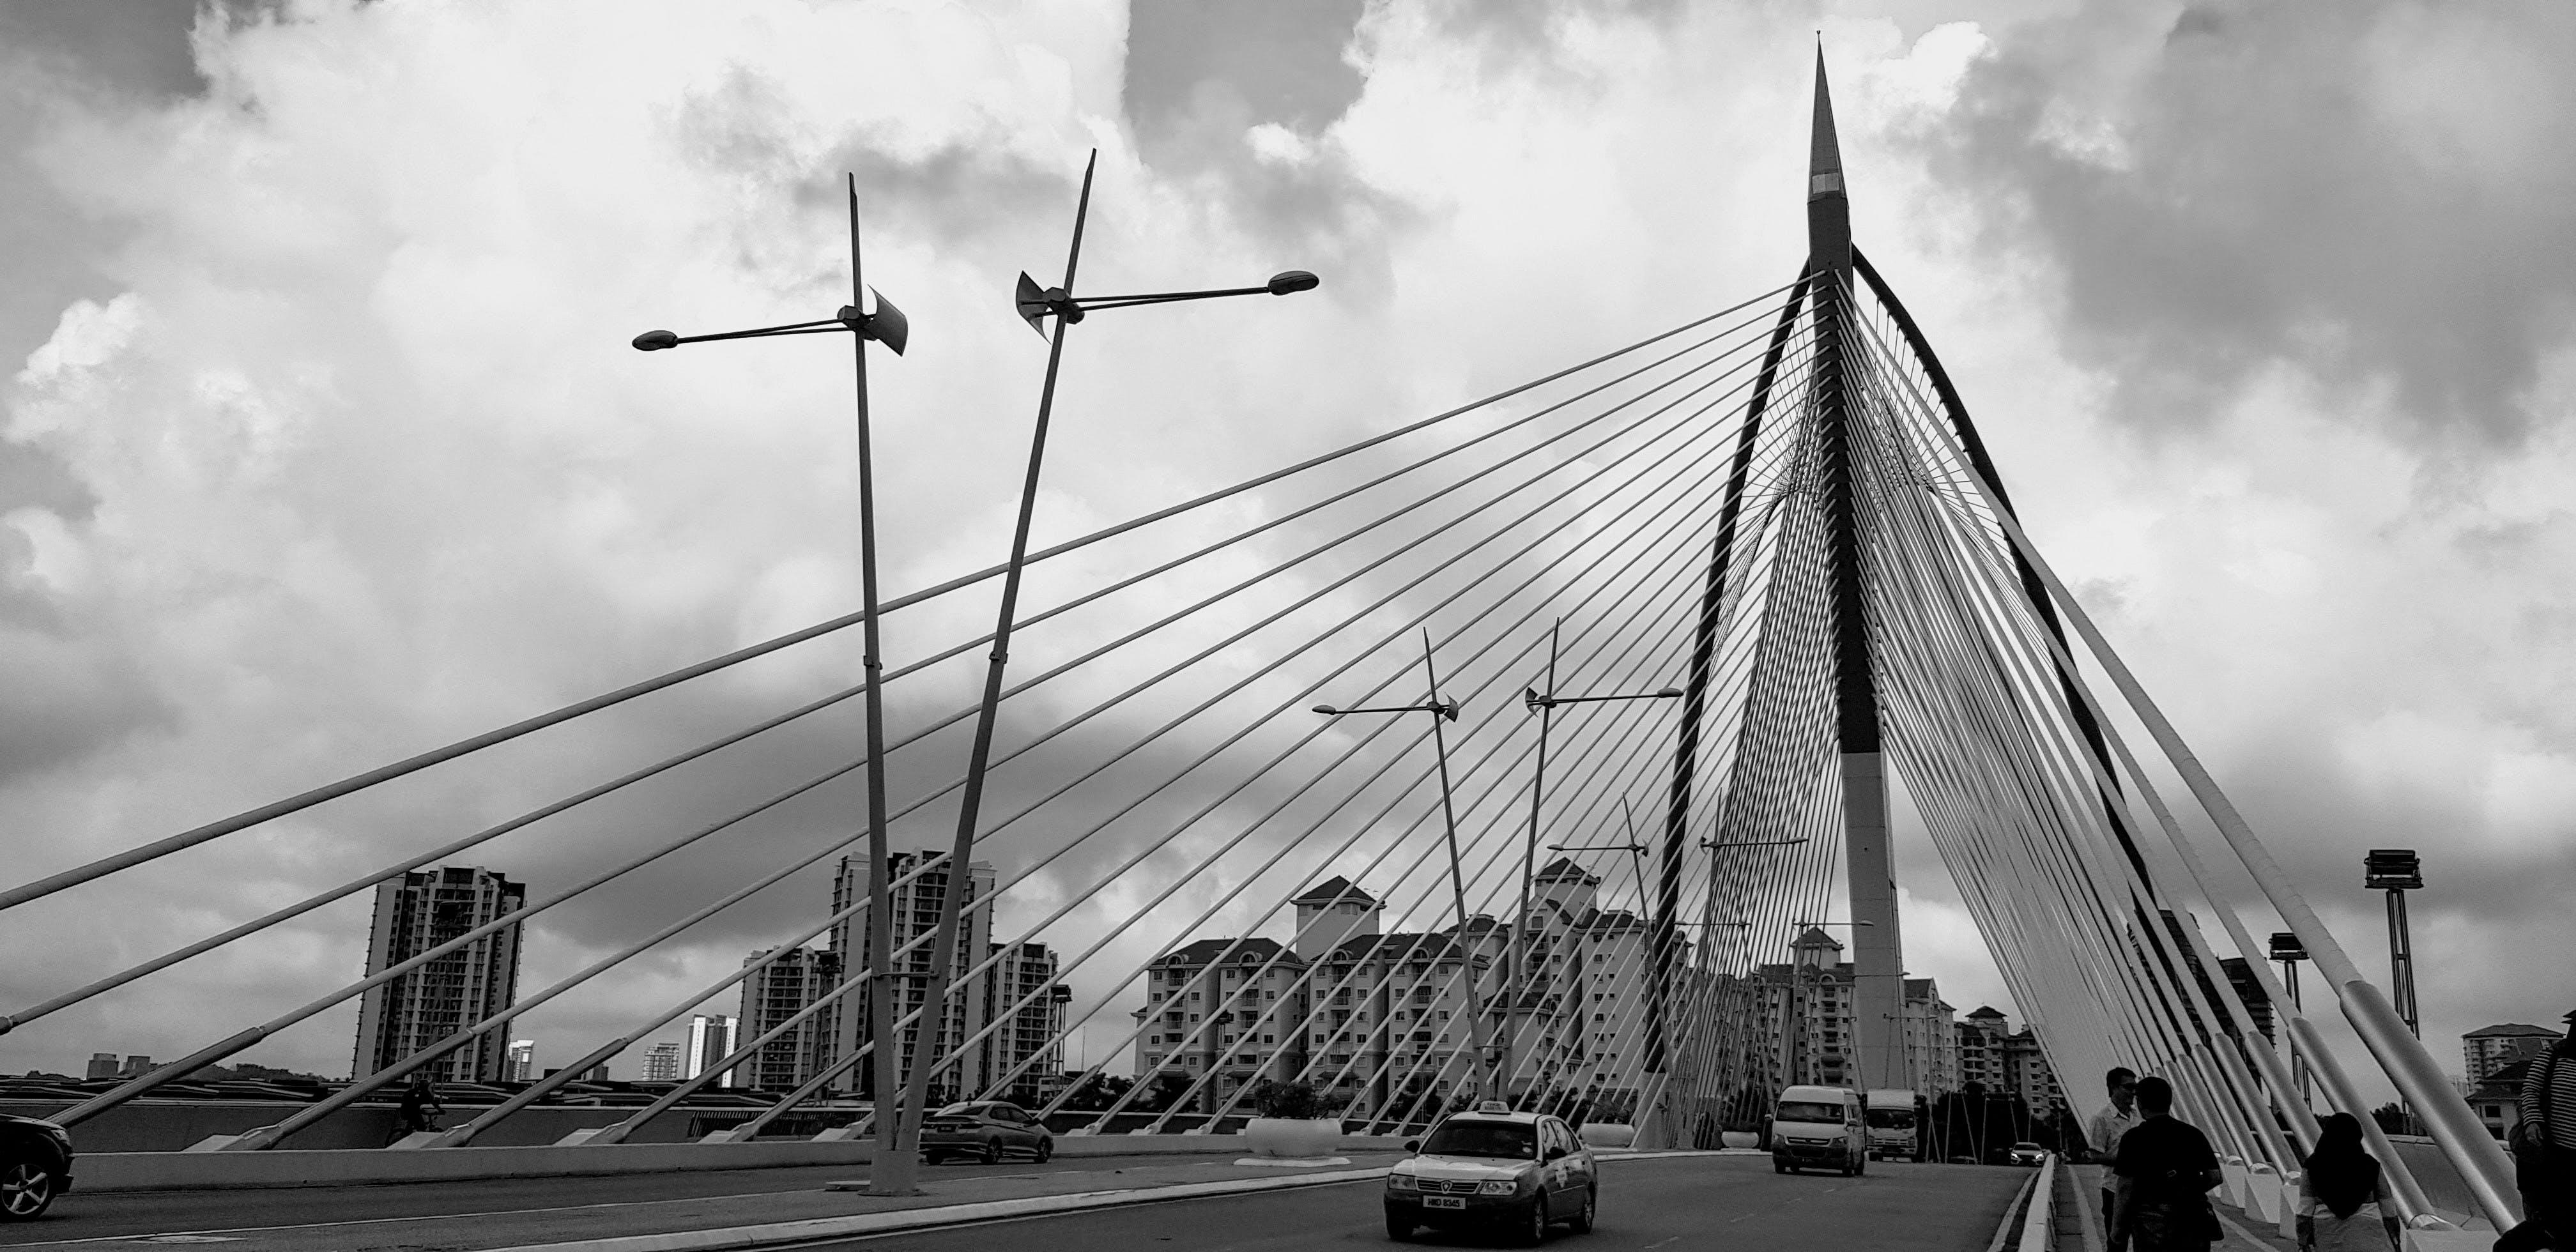 交通系統, 人, 城市, 塔 的 免費圖庫相片